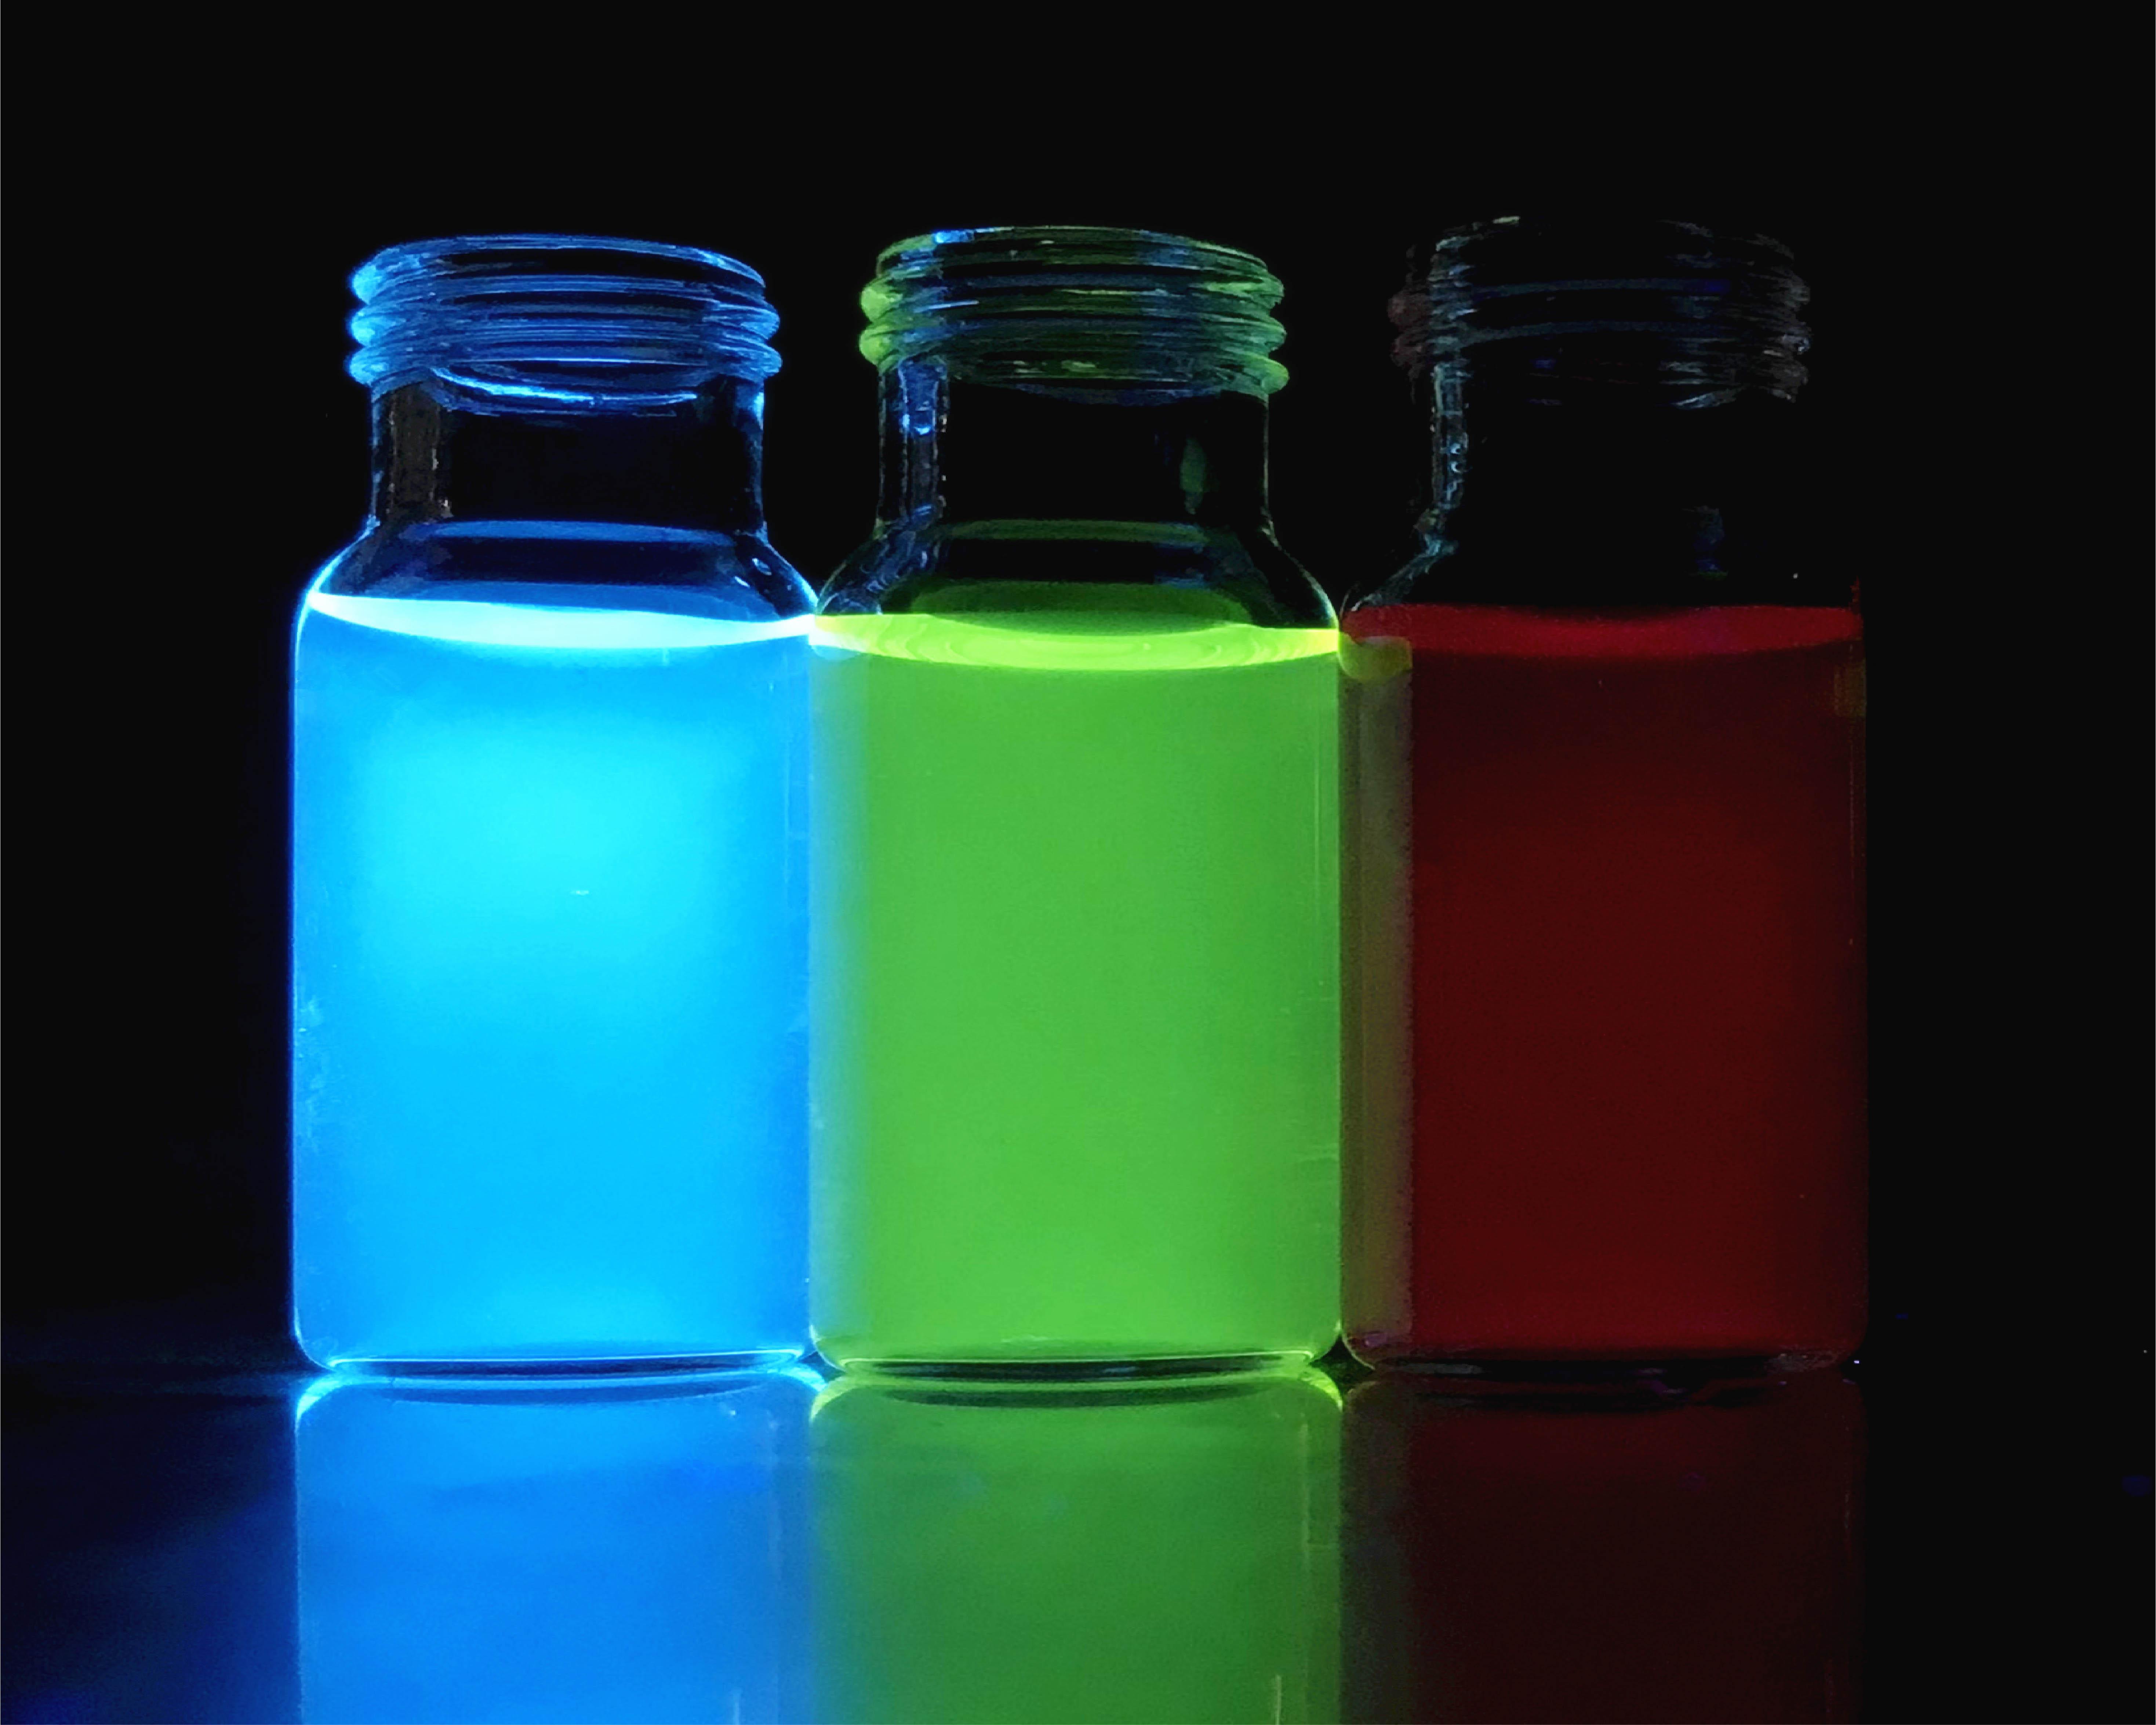 團隊開發的色彩繽紛的熒光工具